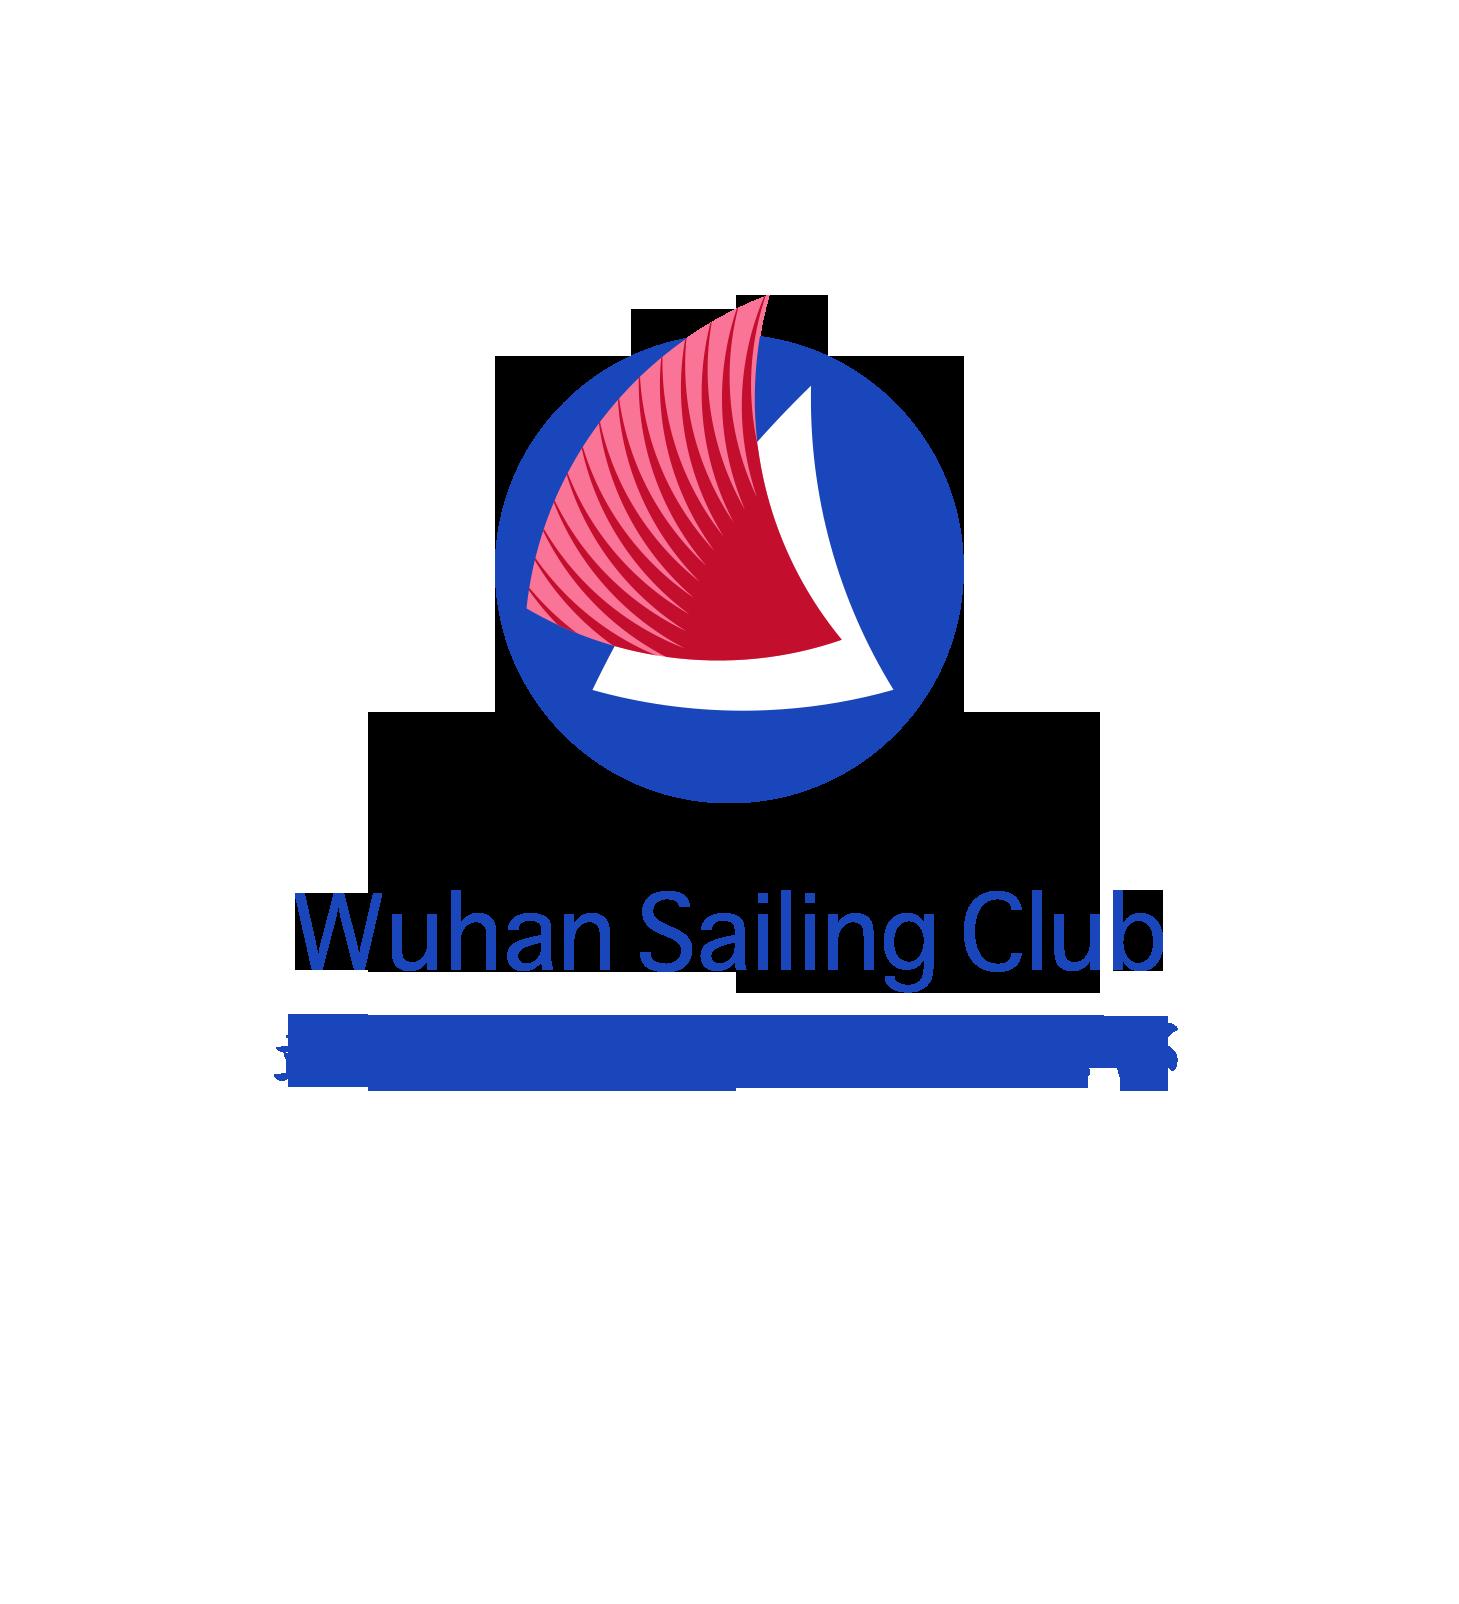 大海阳光俱乐部logo.png